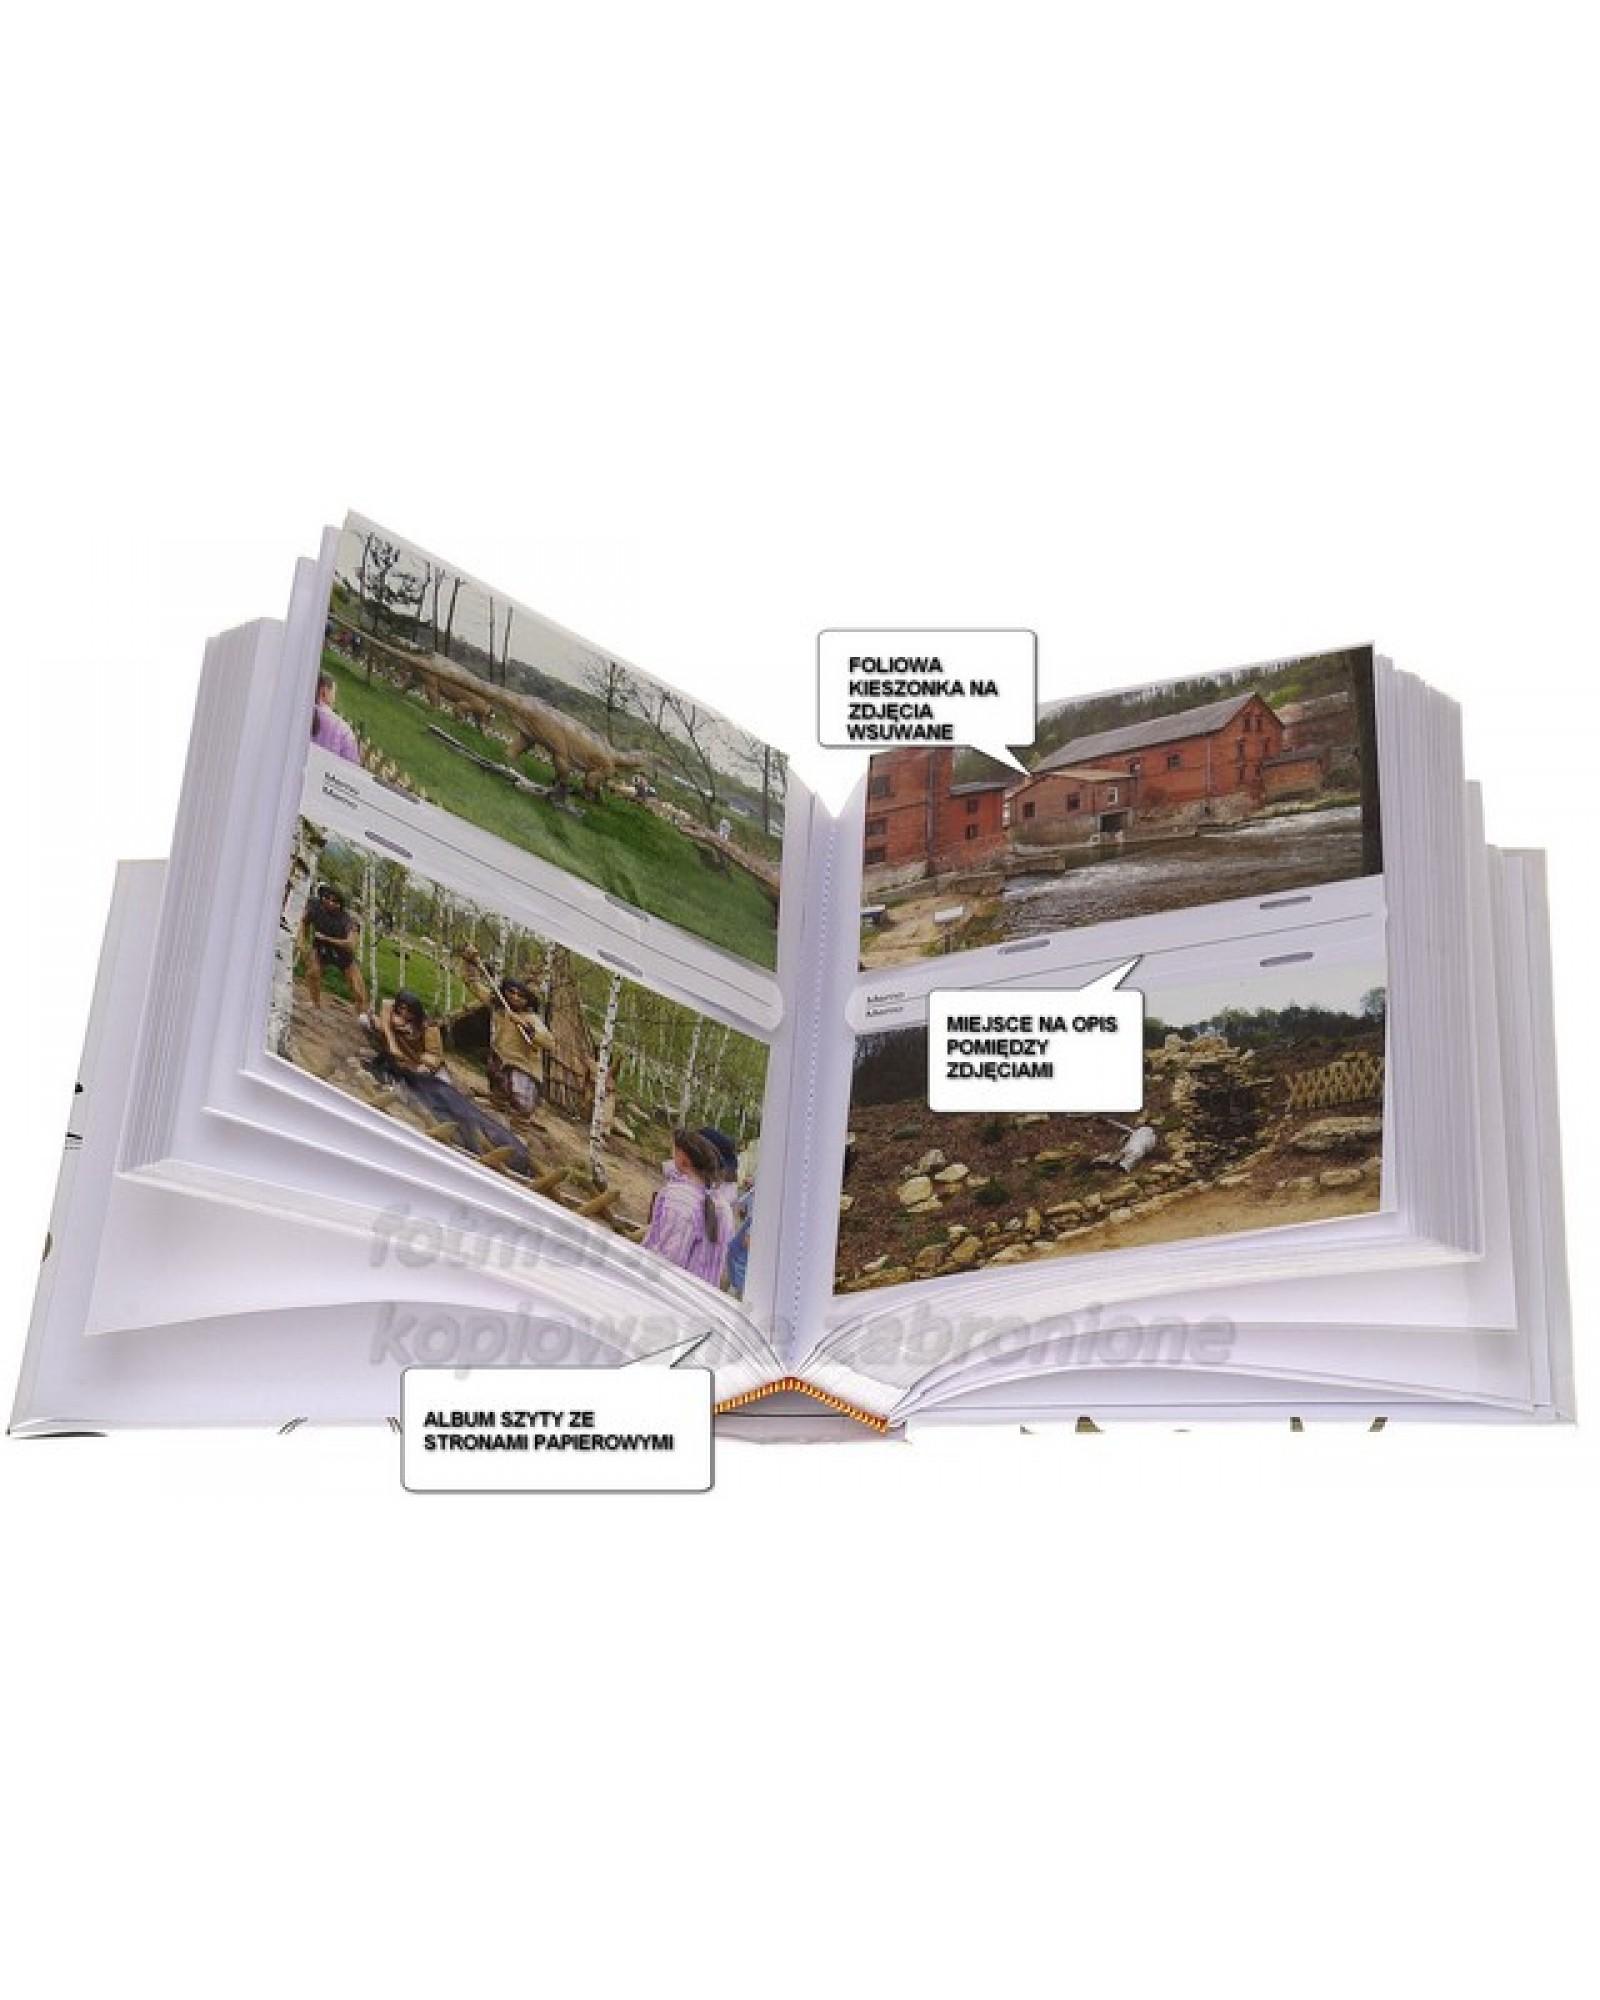 szyty album na 200 zdjęć z opisem formatu 10x15 CDS LEAF-2